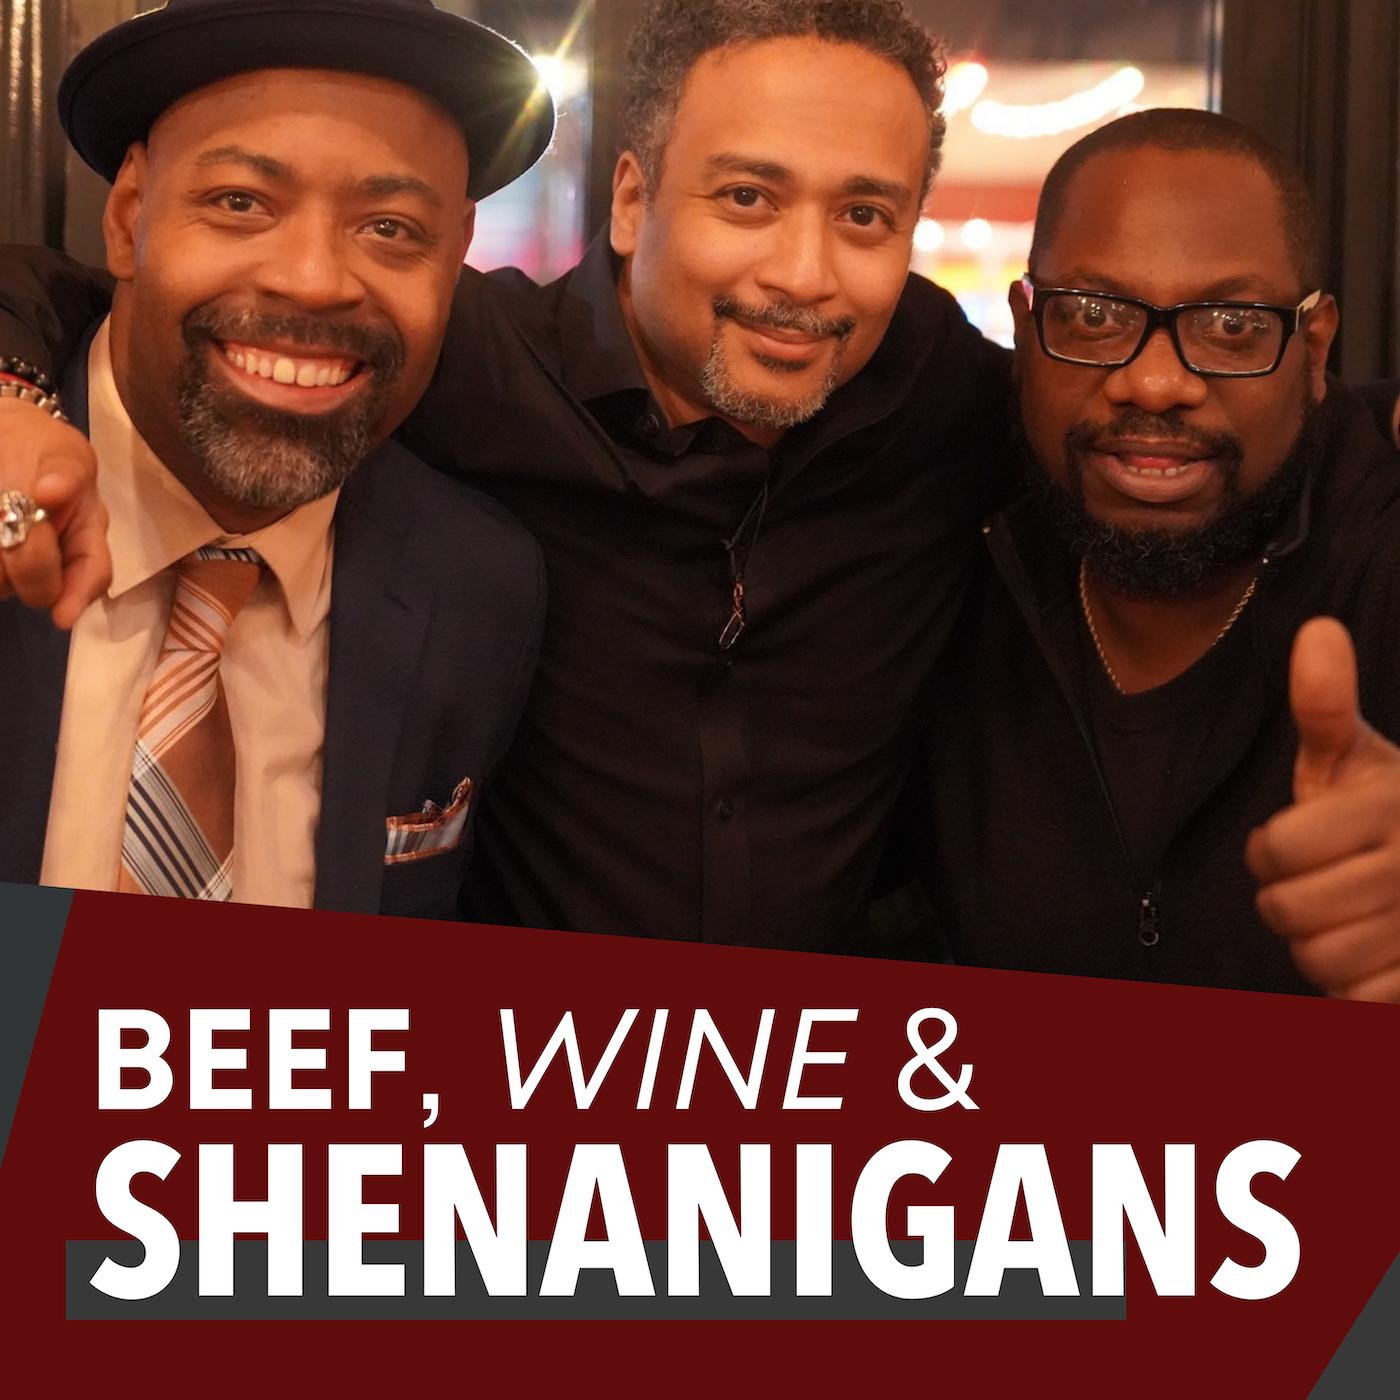 Beef, Wine & Shenanigans